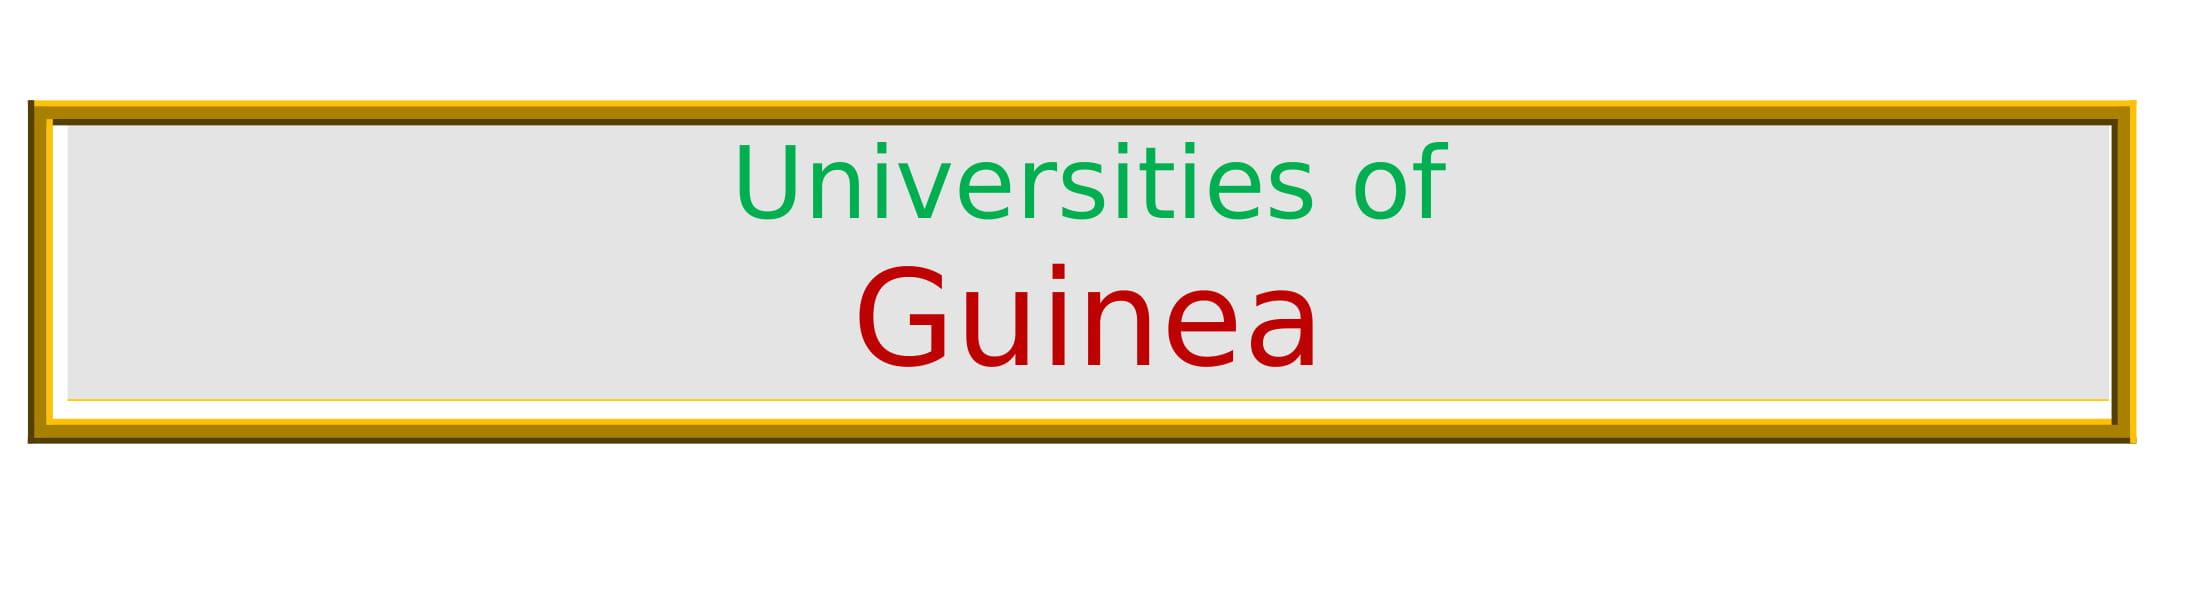 List of Universities in Guinea